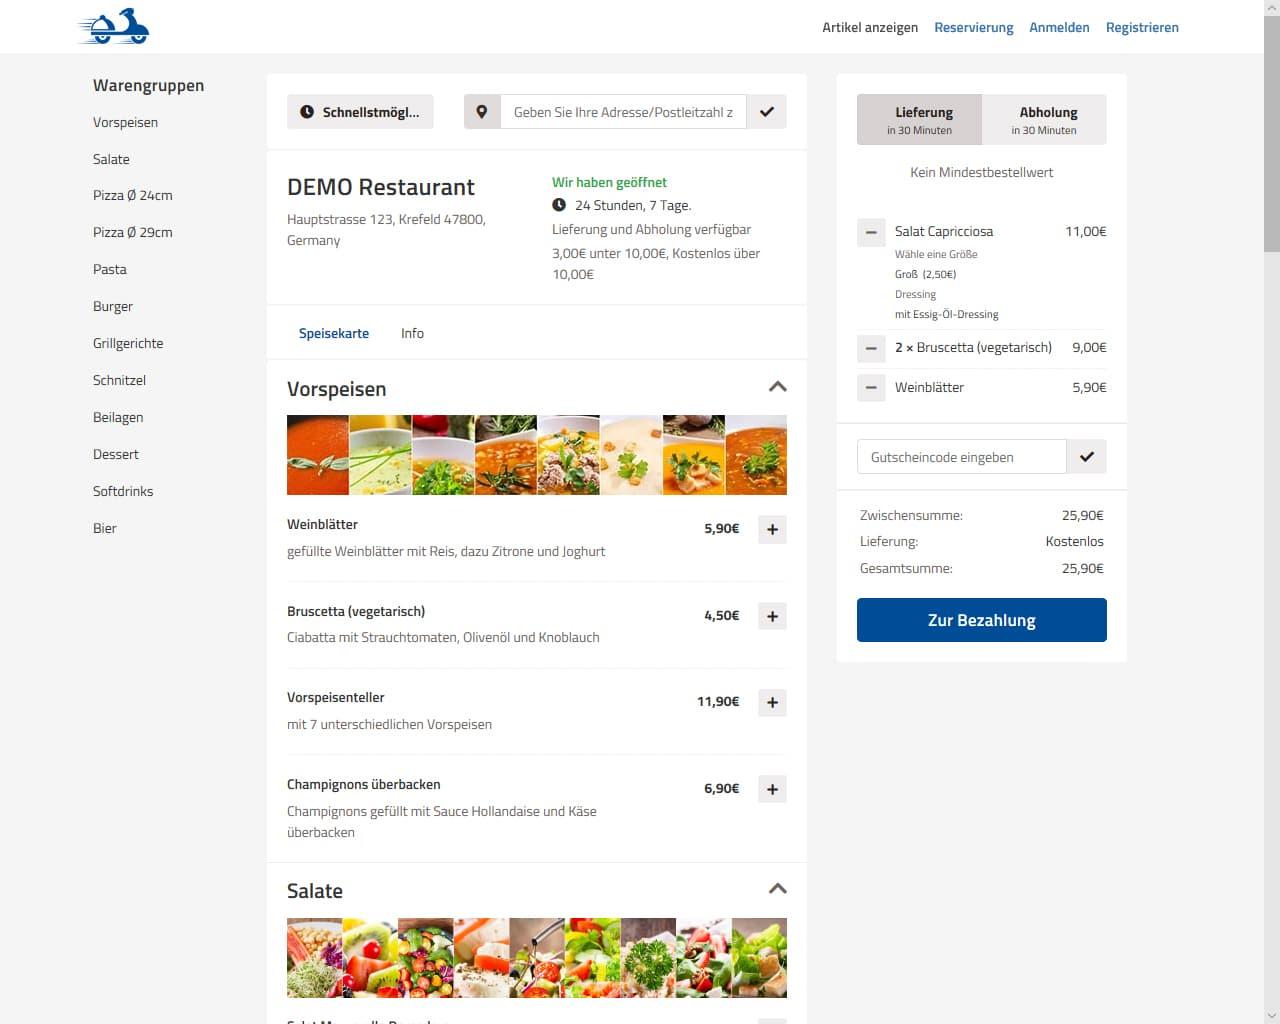 Artikelbestellung im GastroSoft Lieferdienst Online-Shop - Anbindung an Kassensoftware von GastroSoft möglich